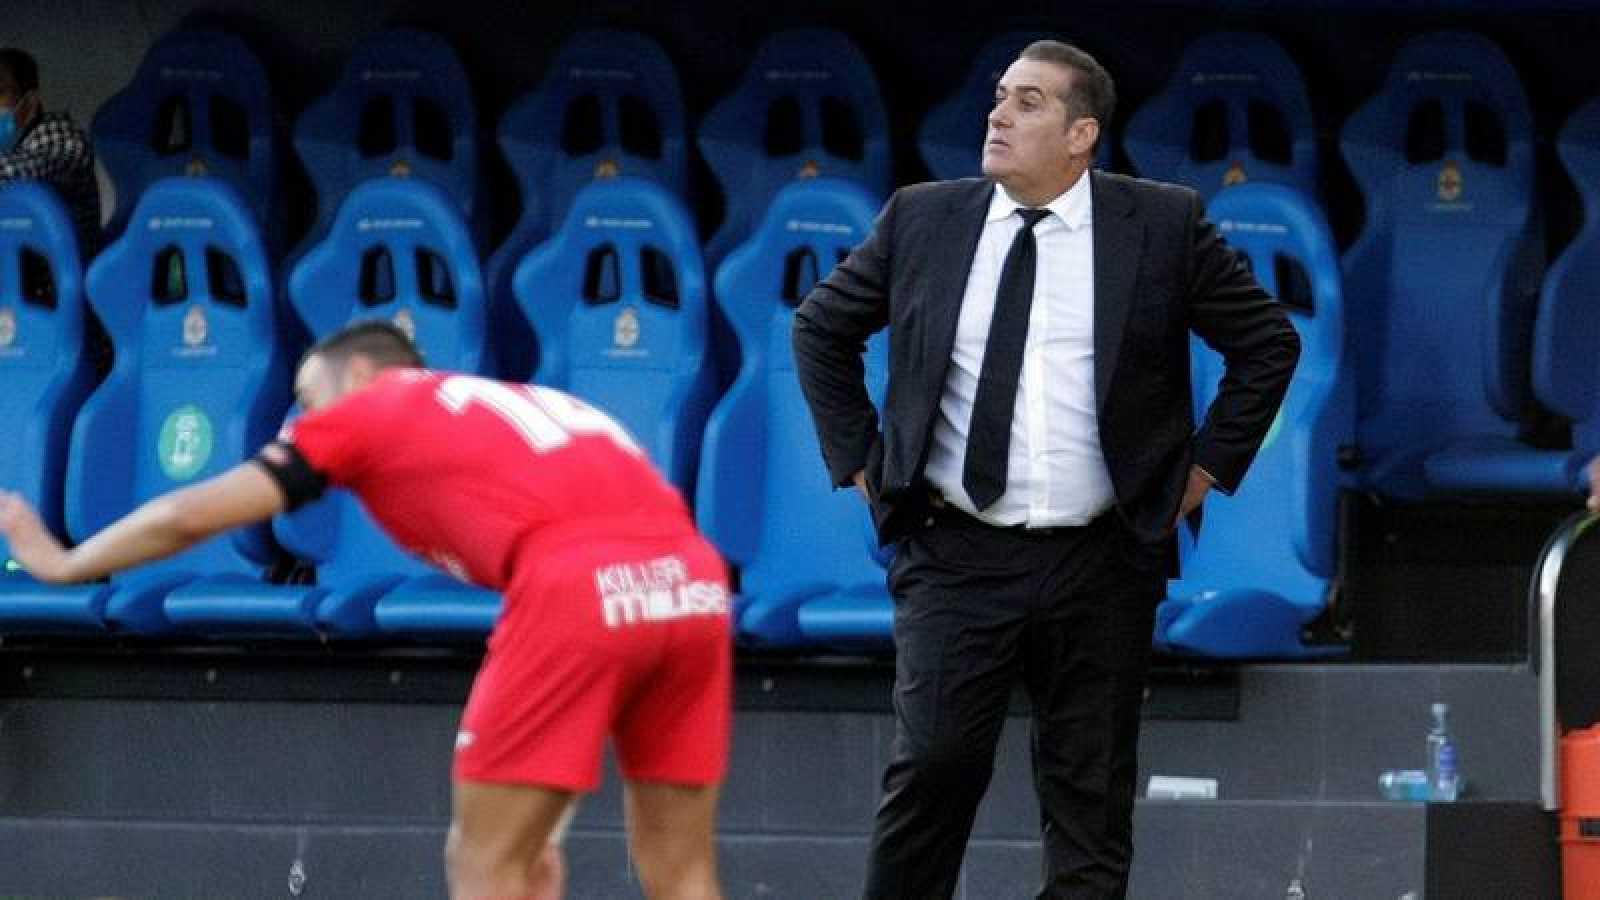 El entrenador del Fuenlabrada José Ramón Sandoval, durante el partido ante el Deportivo, aplazado en Riazor.